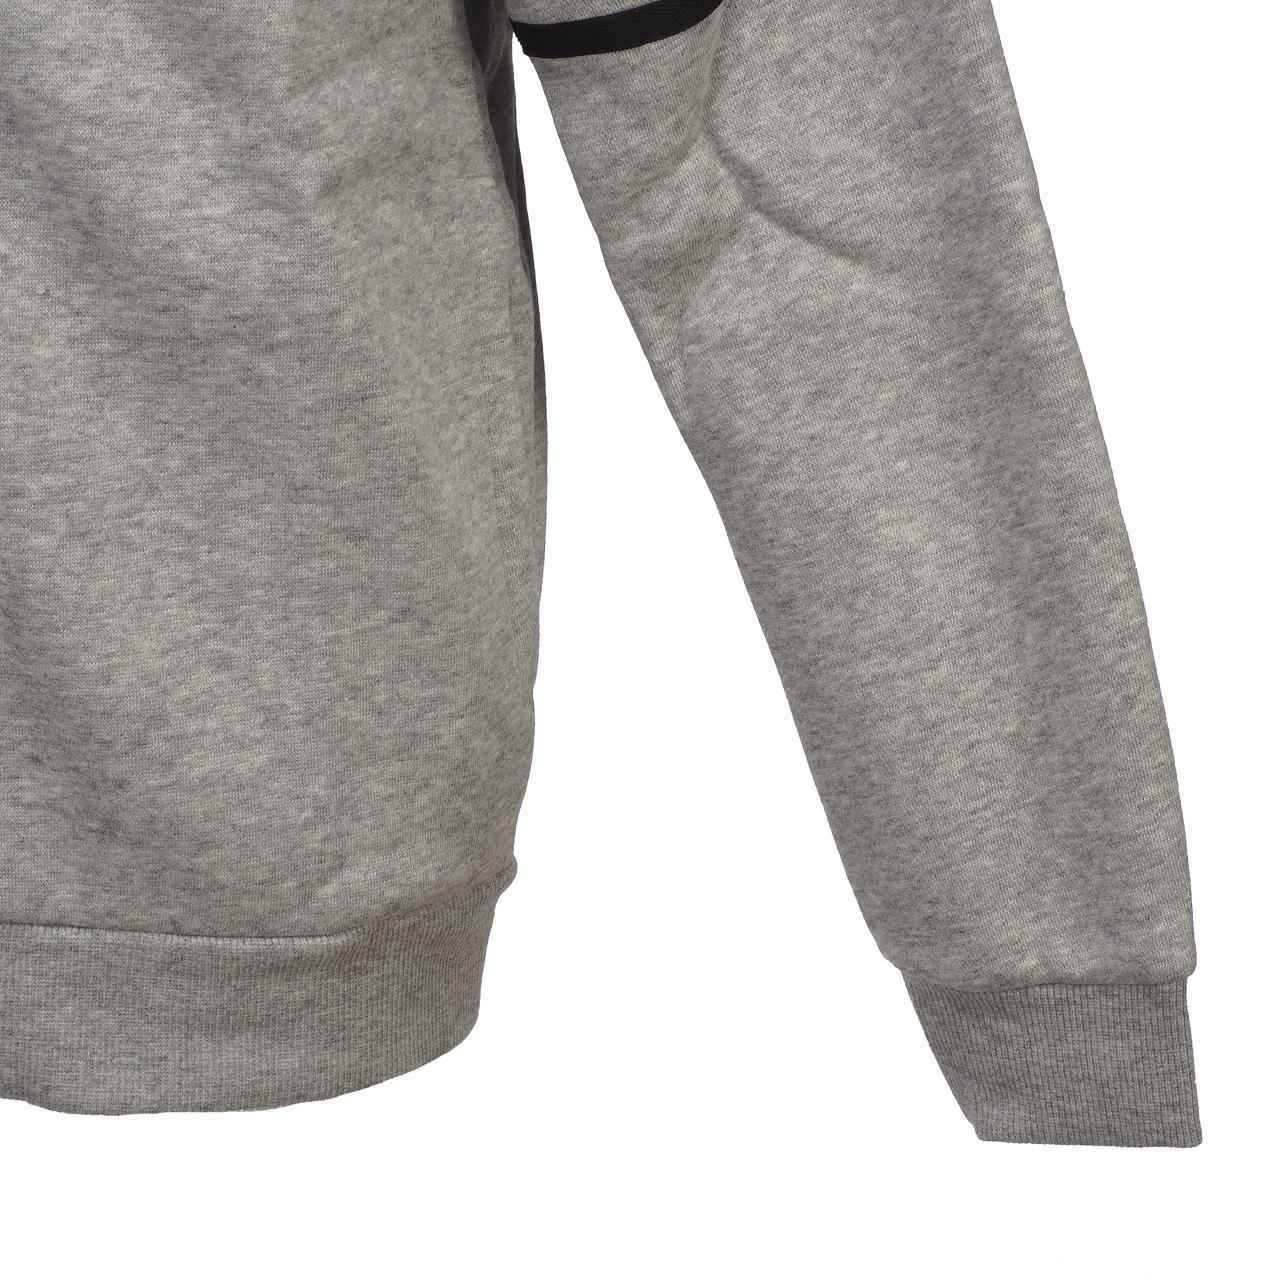 Jacken-Sweatshirts-Zipped-Kapuze-Adidas-Yb-Sid-Grc-Fz-Capsweat-Jr-Grau-46495 Indexbild 2